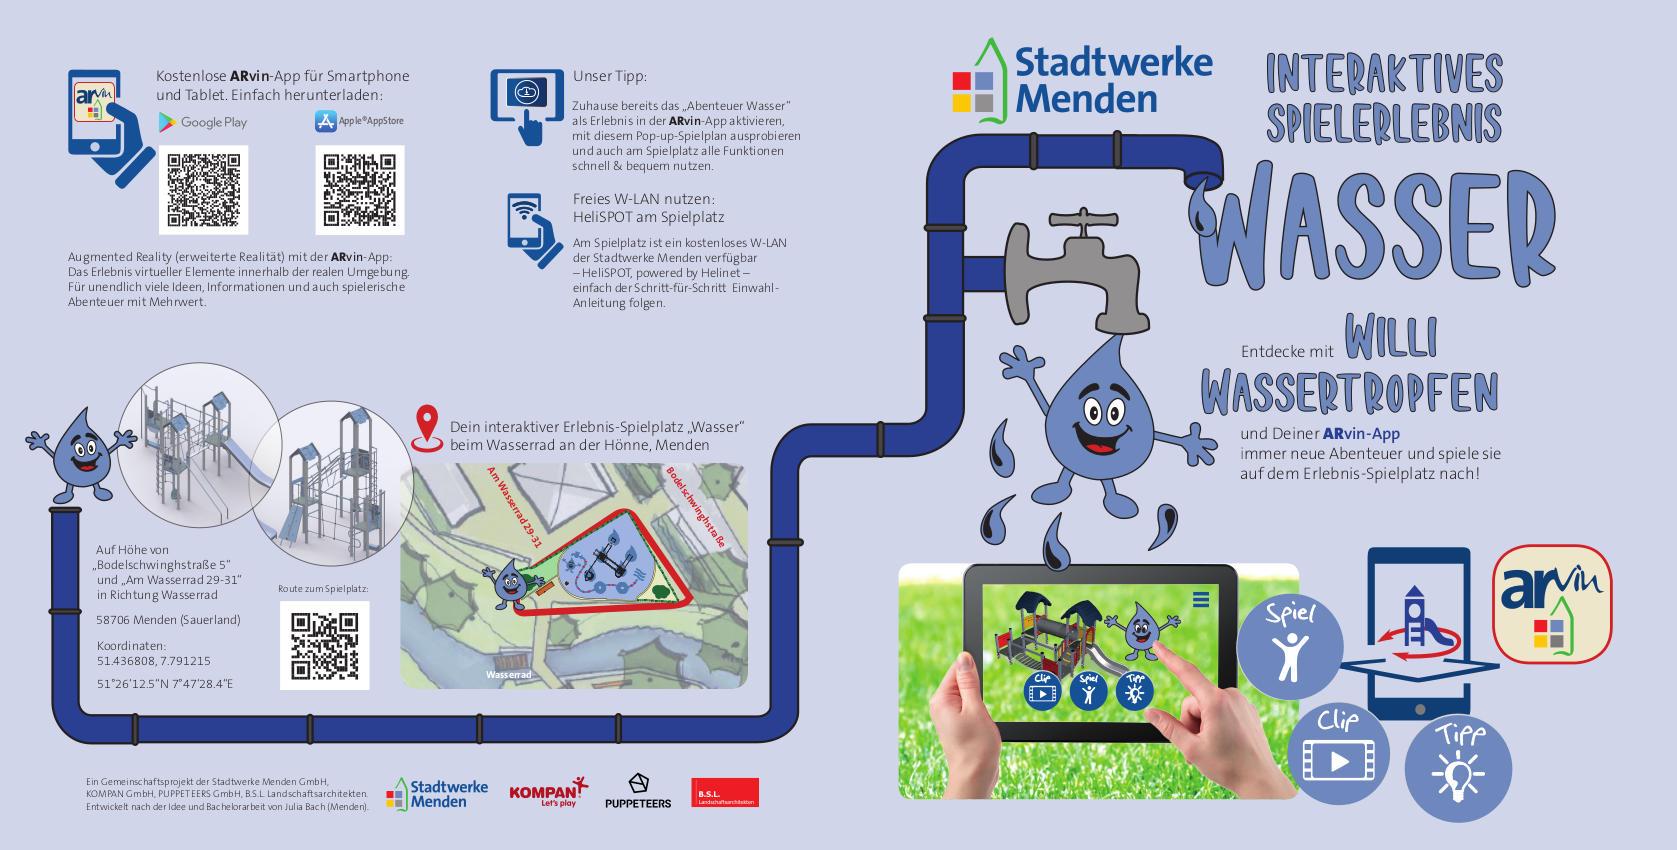 Spielplatz-Grafik zum Thema Trinkwasser